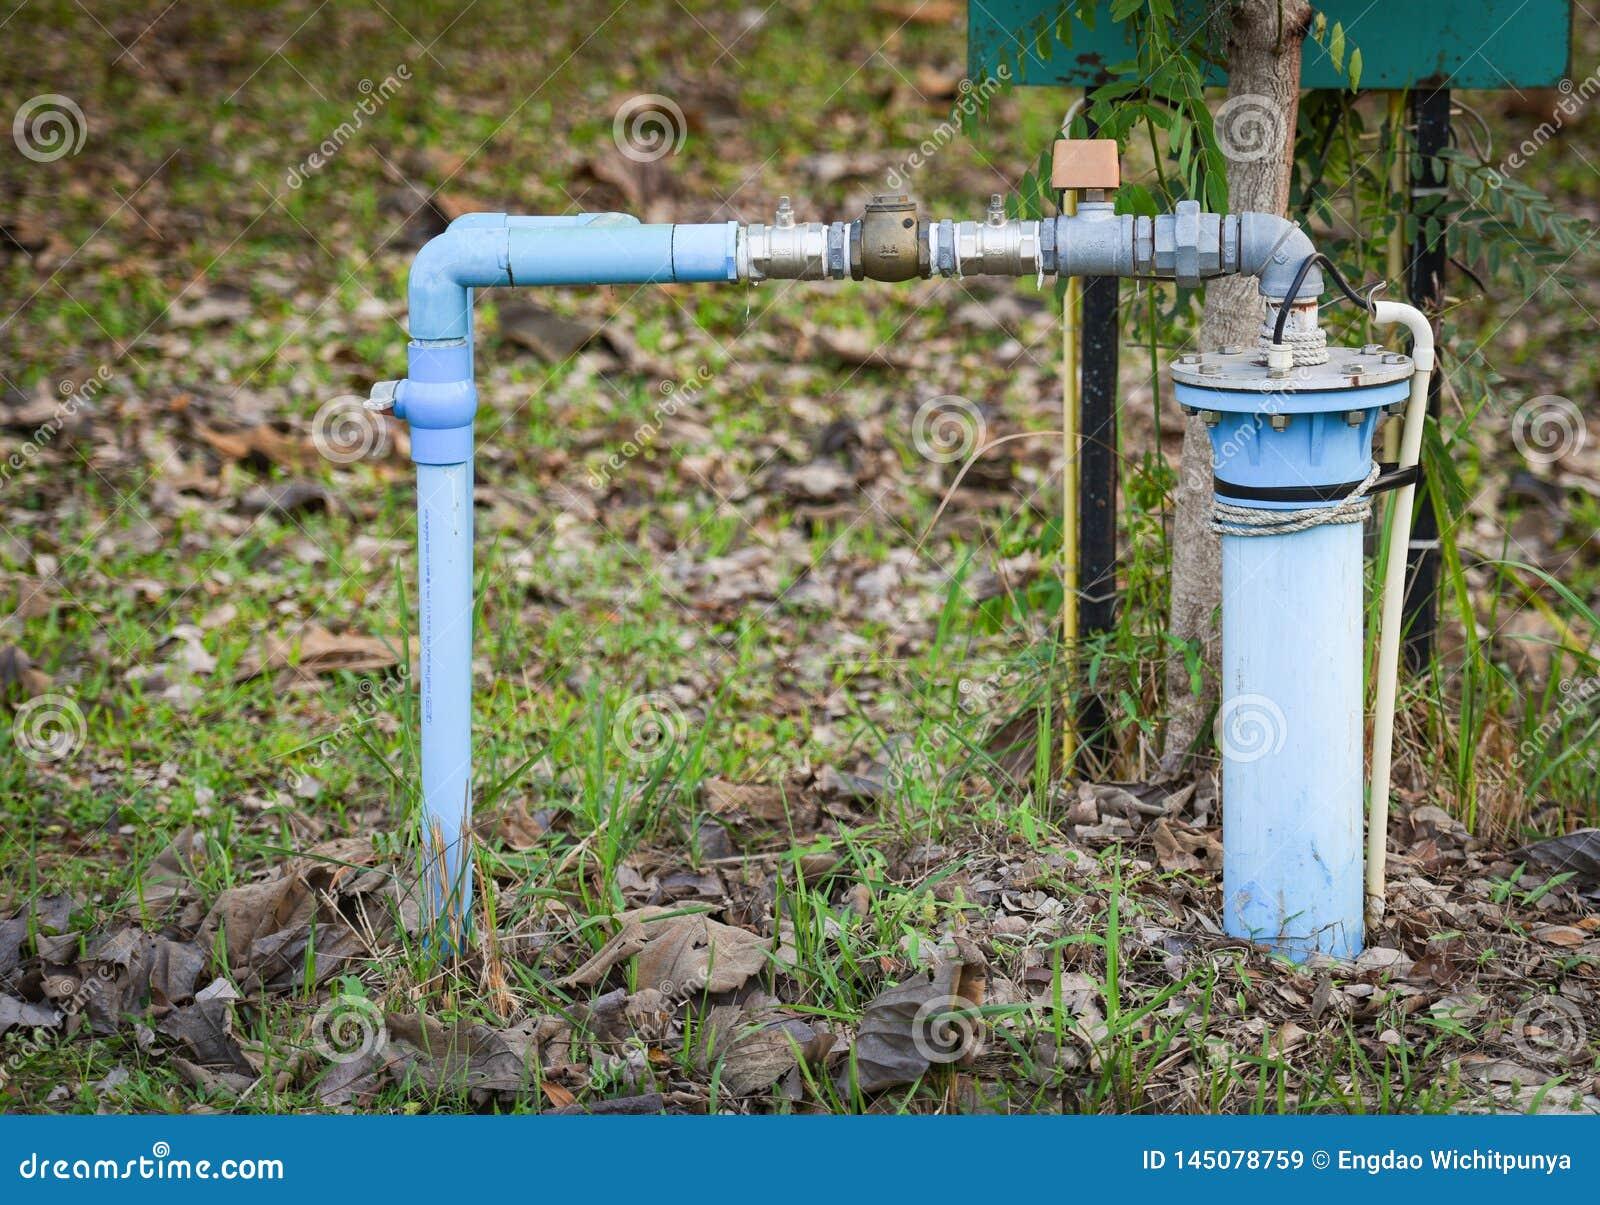 Υπόγεια νερά καλά με το σωλήνα PVC και το ηλεκτρικό βαθύ καλά υποβρύχιο νερό αντλιών συστημάτων